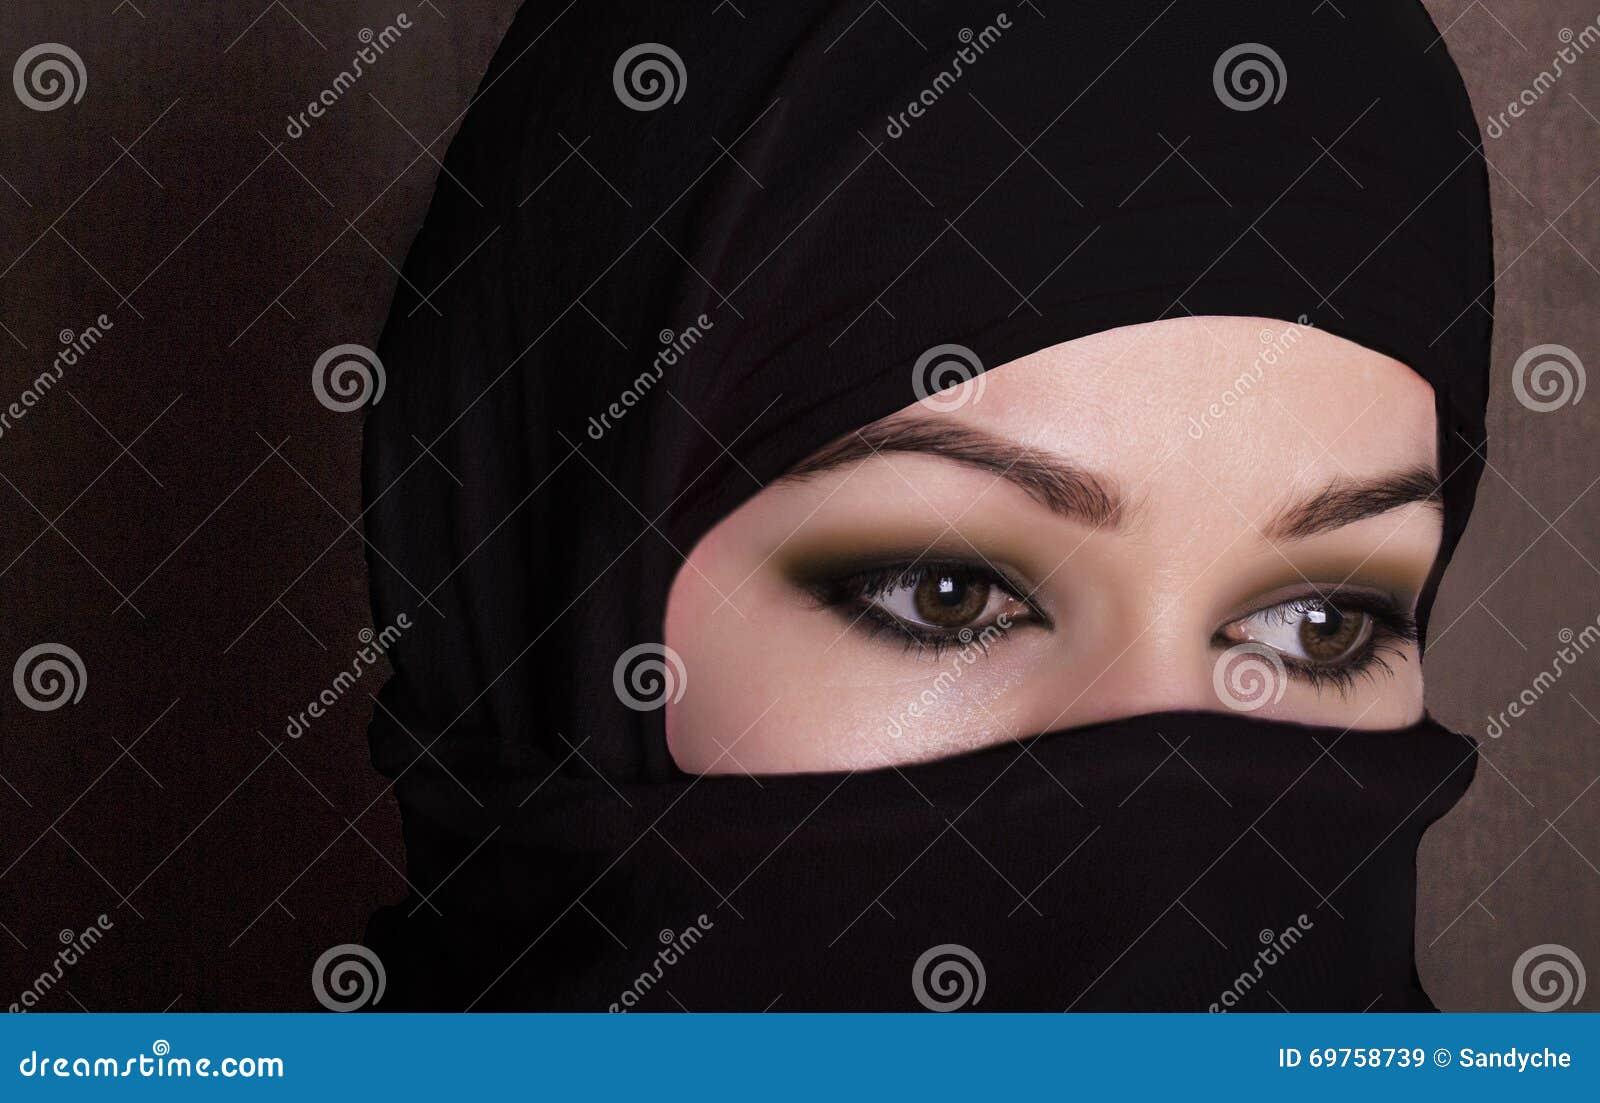 Oostelijke vrouw die van close-up de mooie geheimzinnige ogen een hijab dragen